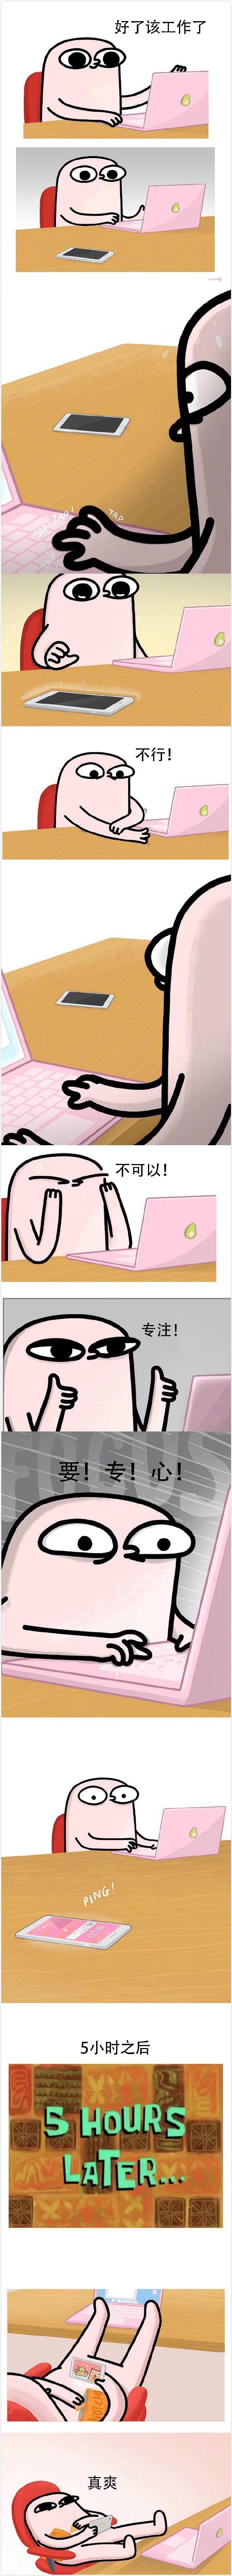 �甯�:下一个小吴火了!相亲网站约董事长女儿被骗 男子自己就8套房